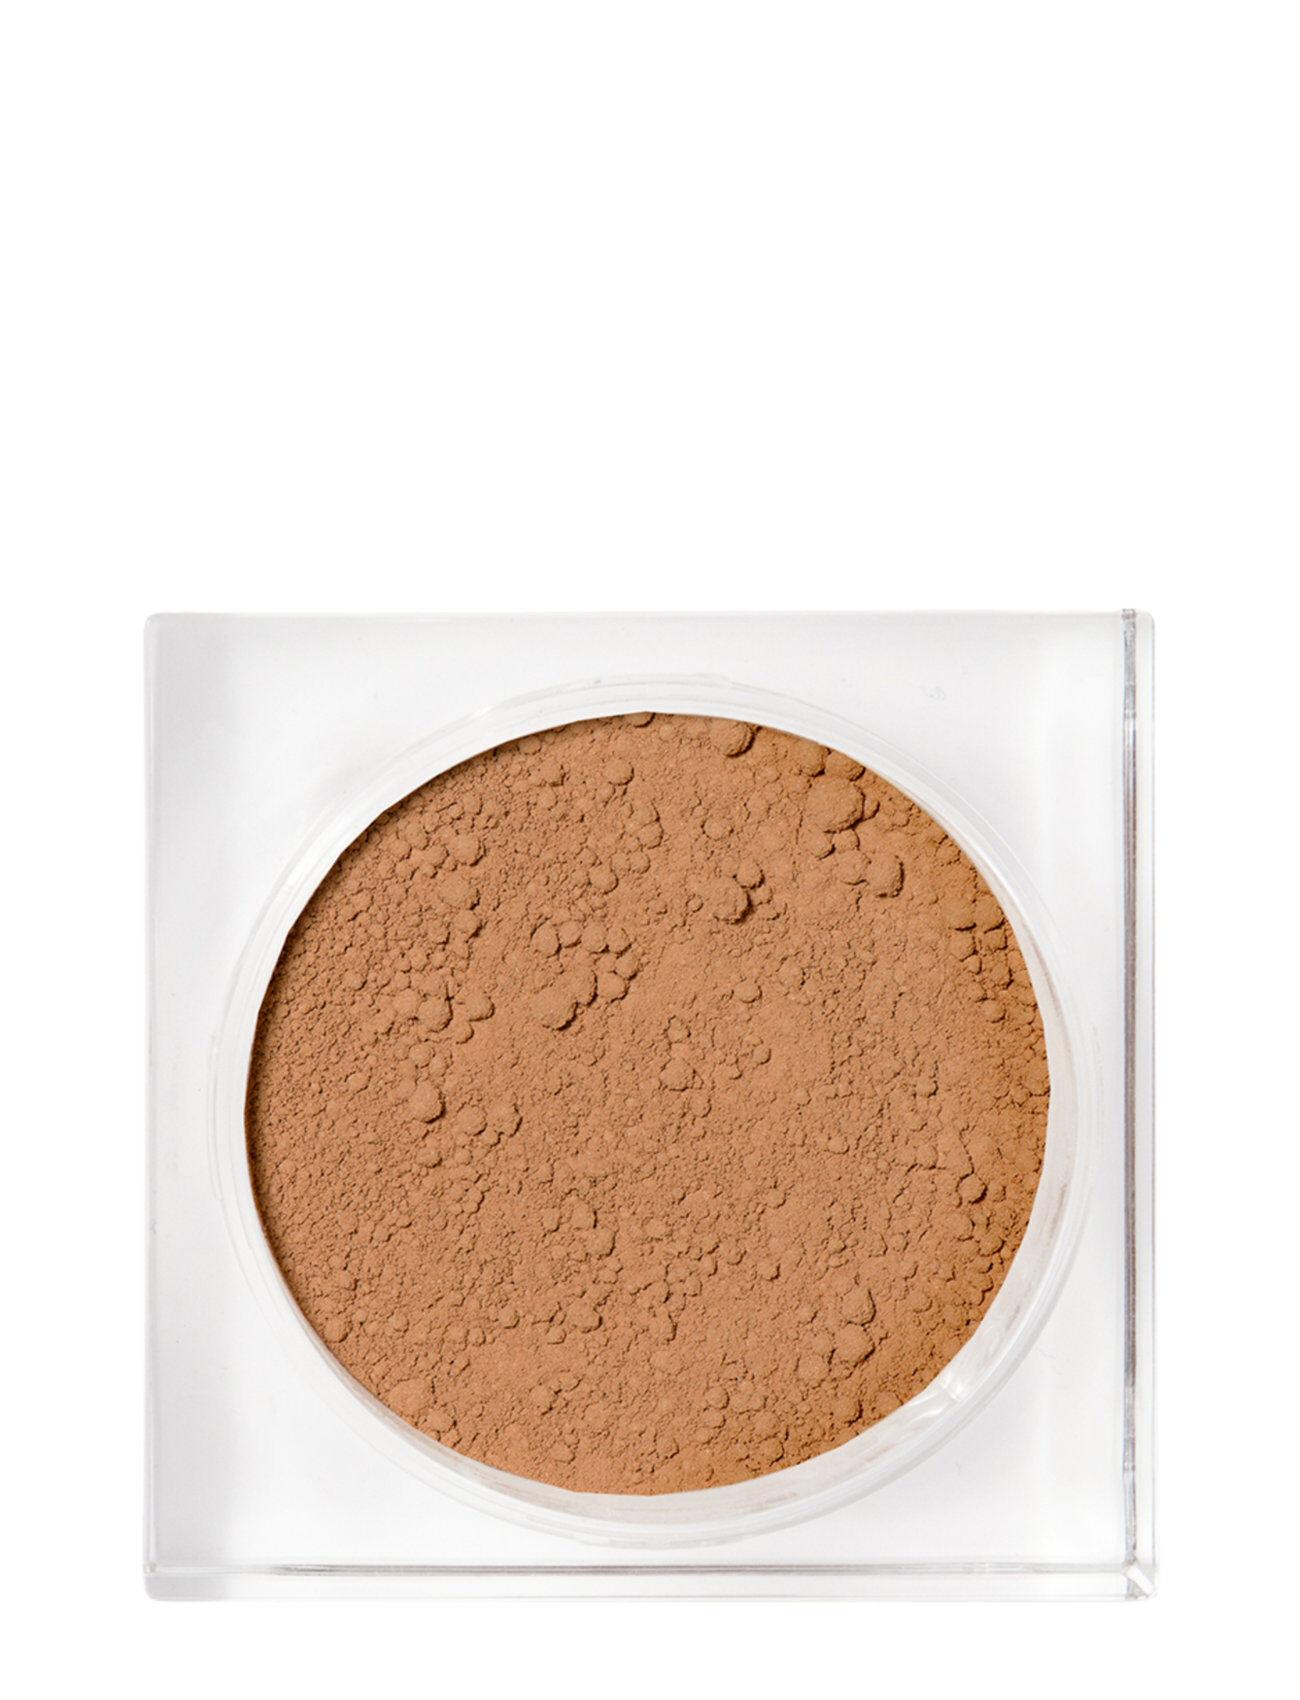 IDUN Minerals Powder Foundation Embla